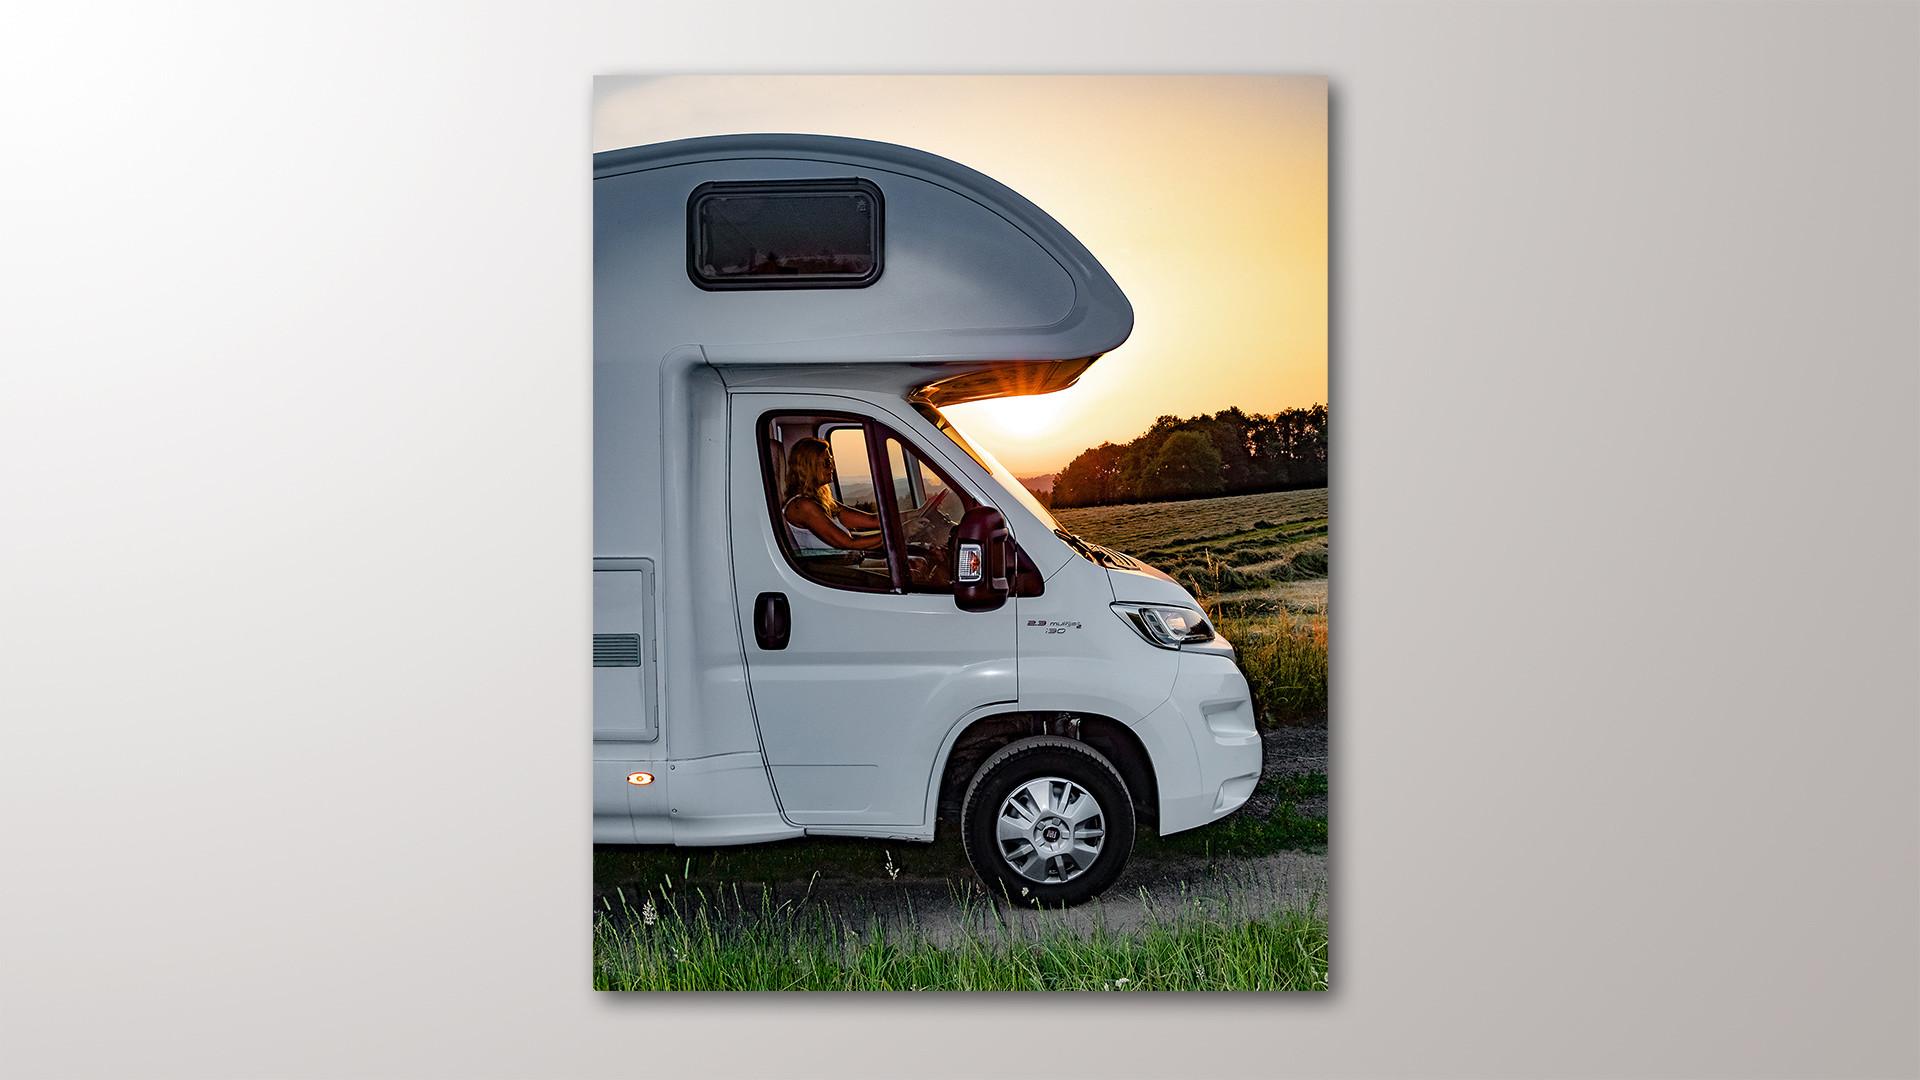 Pioneer_Caravan_Shooting_2019_06